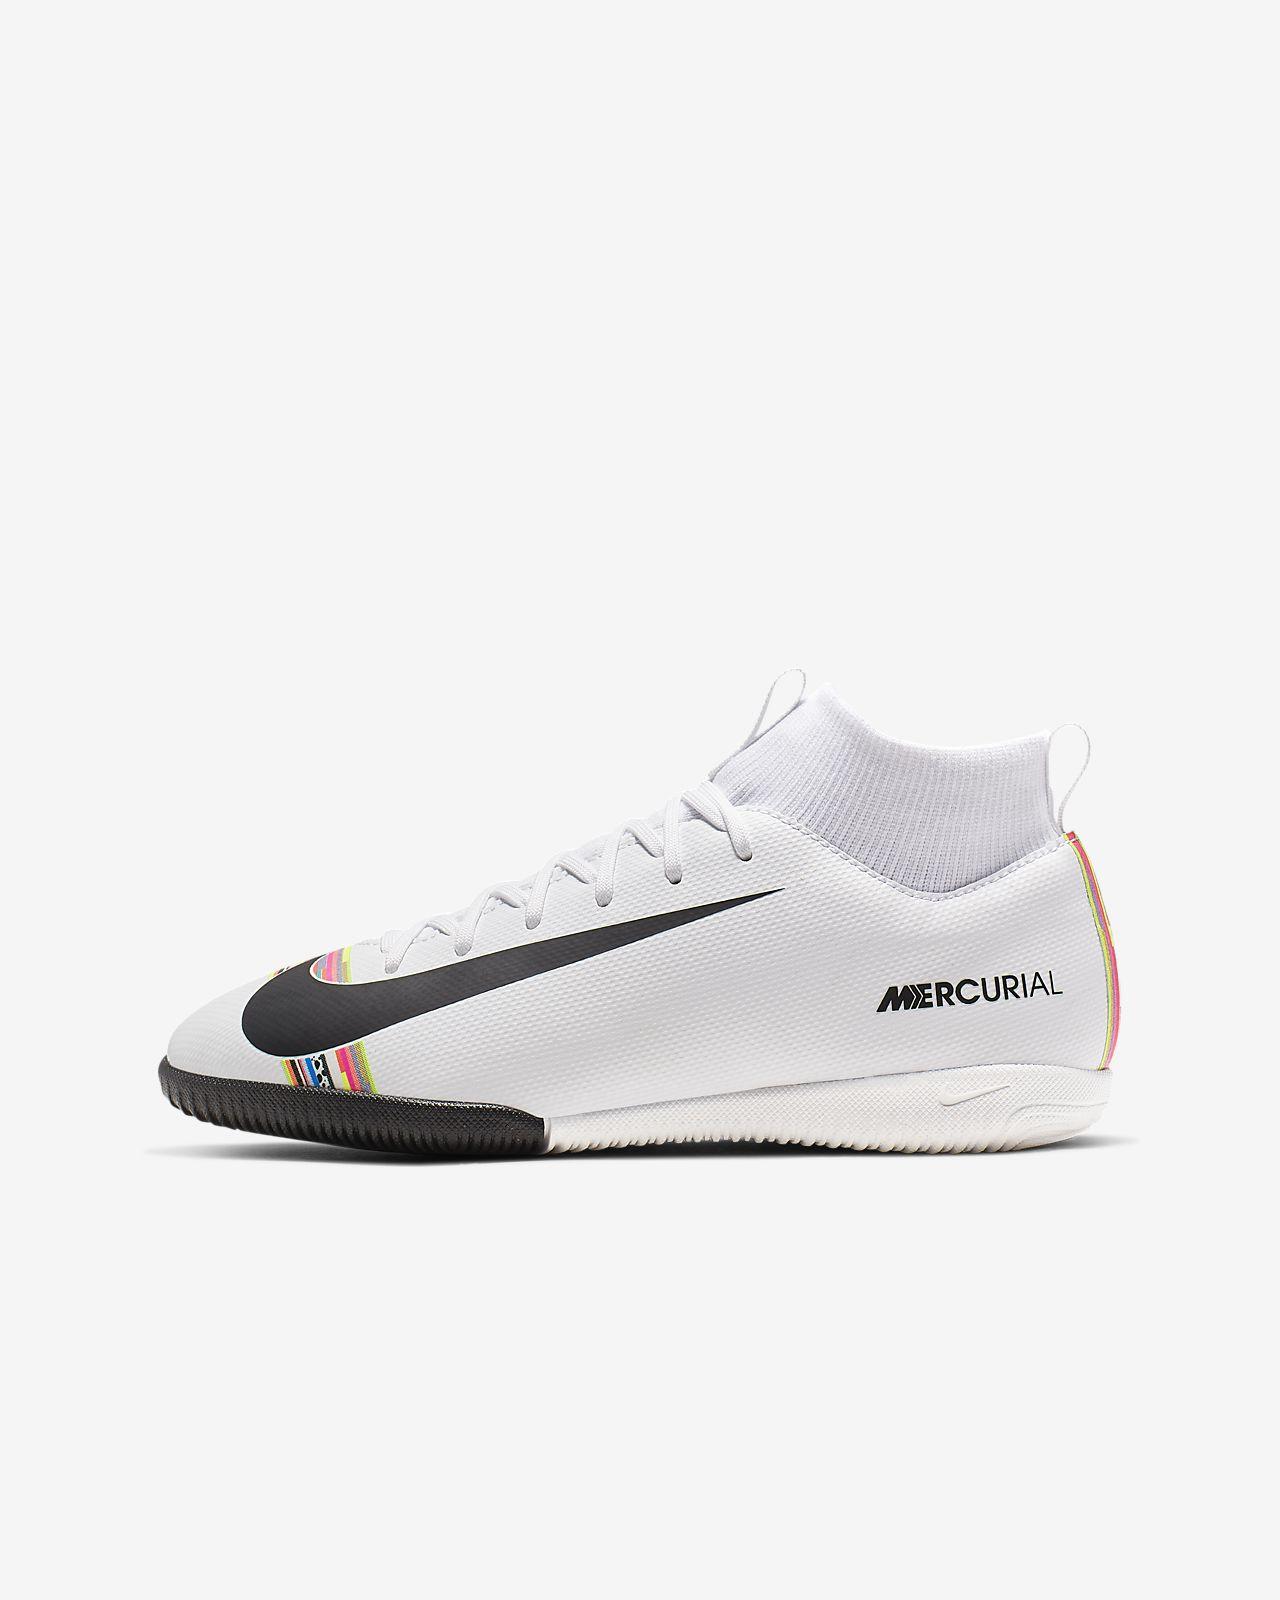 Ποδοσφαιρικό παπούτσι για κλειστά γήπεδα Nike Jr. SuperflyX 6 Academy LVL UP IC για μικρά/μεγάλα παιδιά